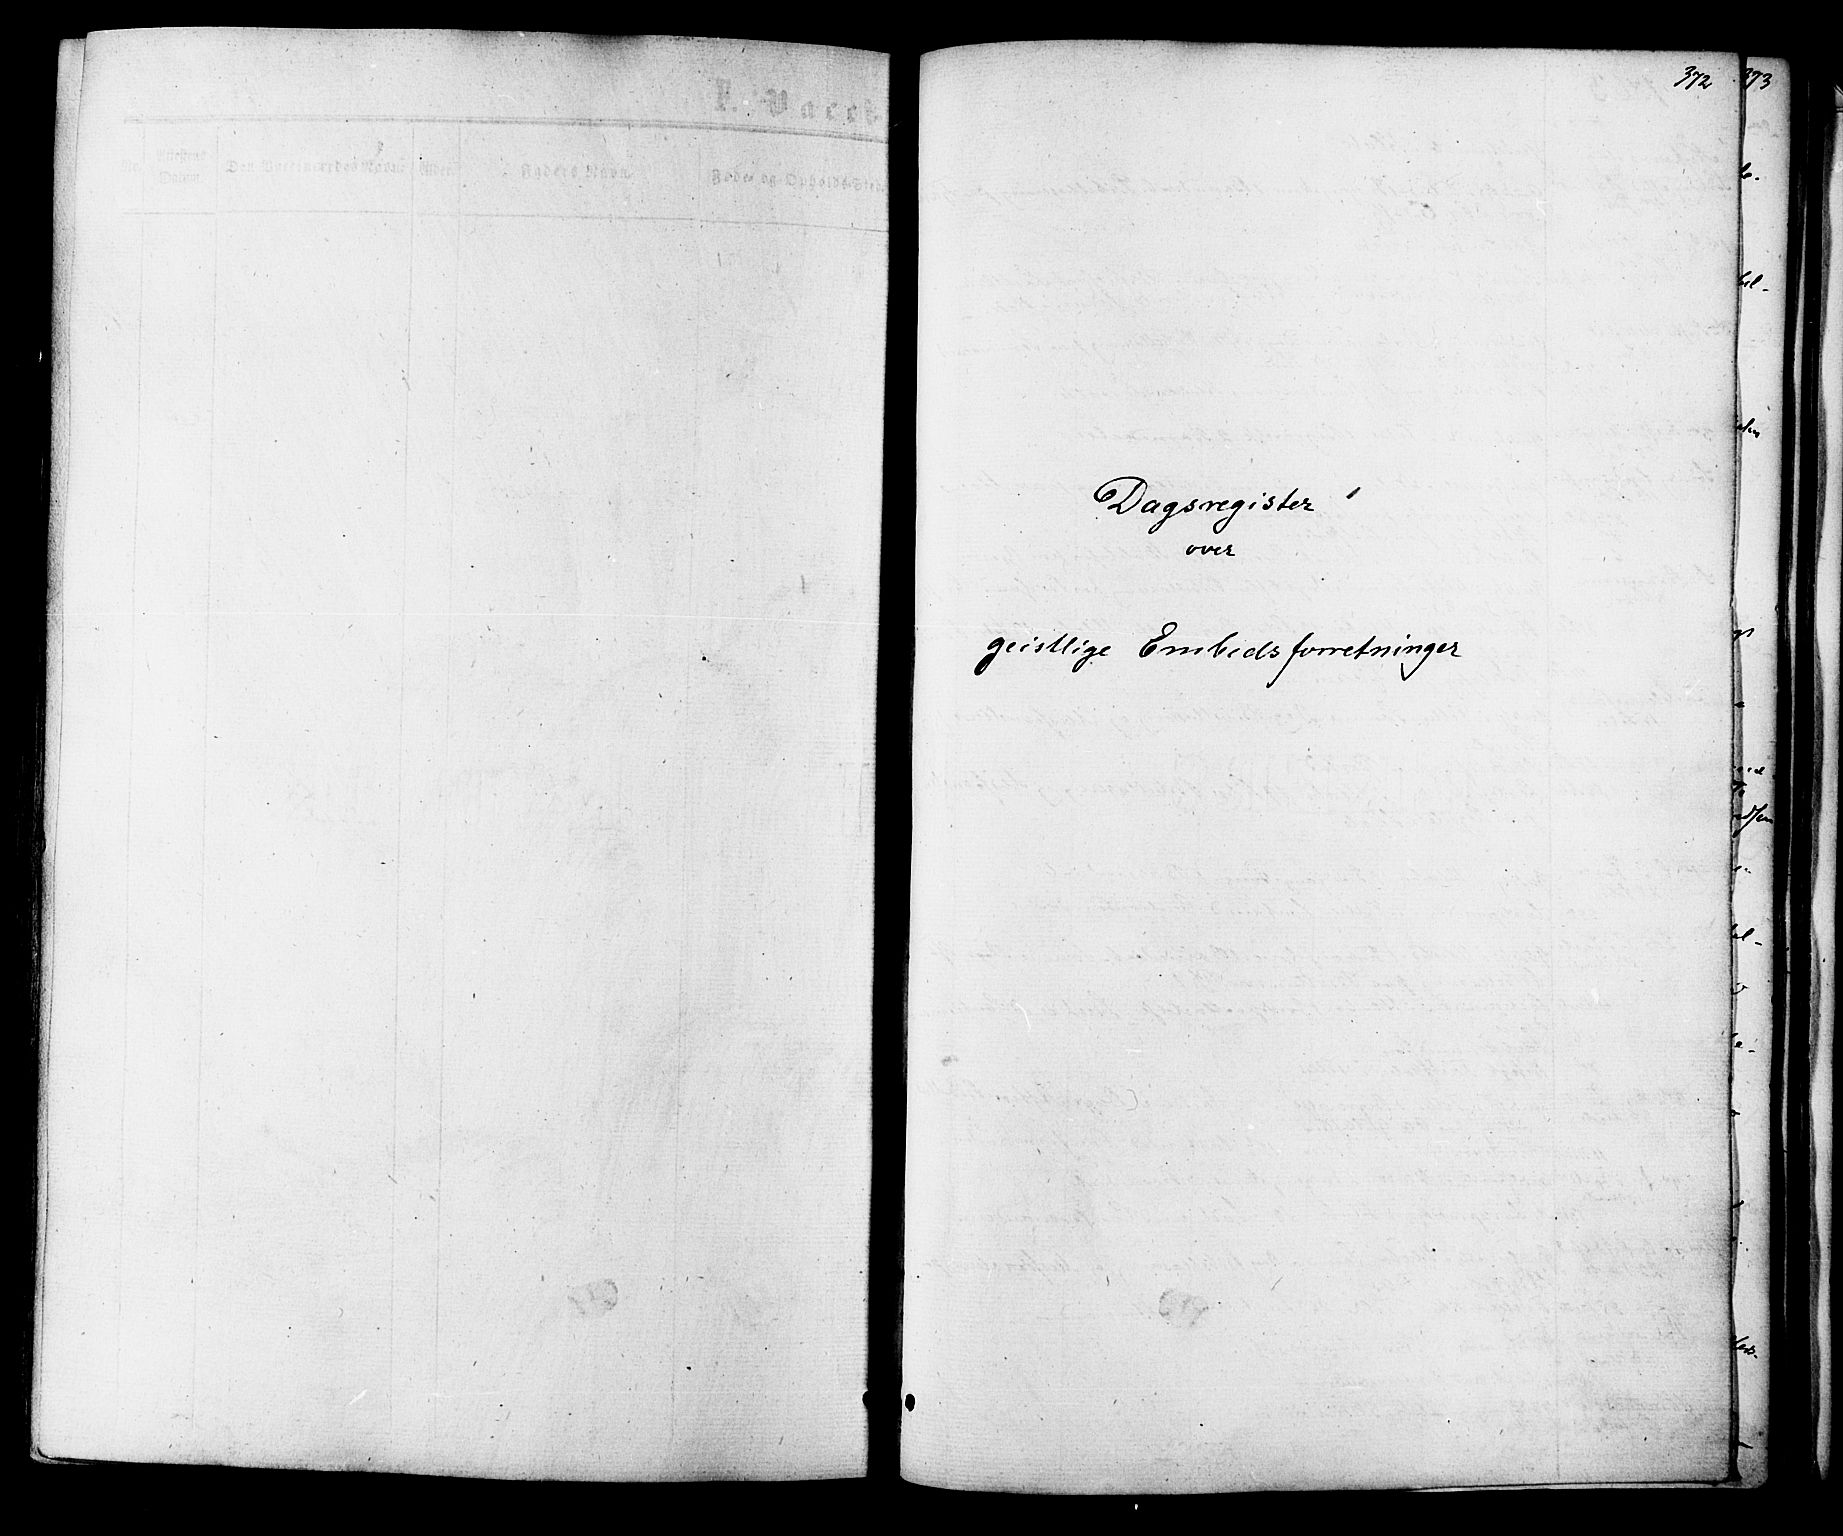 SAT, Ministerialprotokoller, klokkerbøker og fødselsregistre - Sør-Trøndelag, 618/L0442: Ministerialbok nr. 618A06 /1, 1863-1879, s. 372